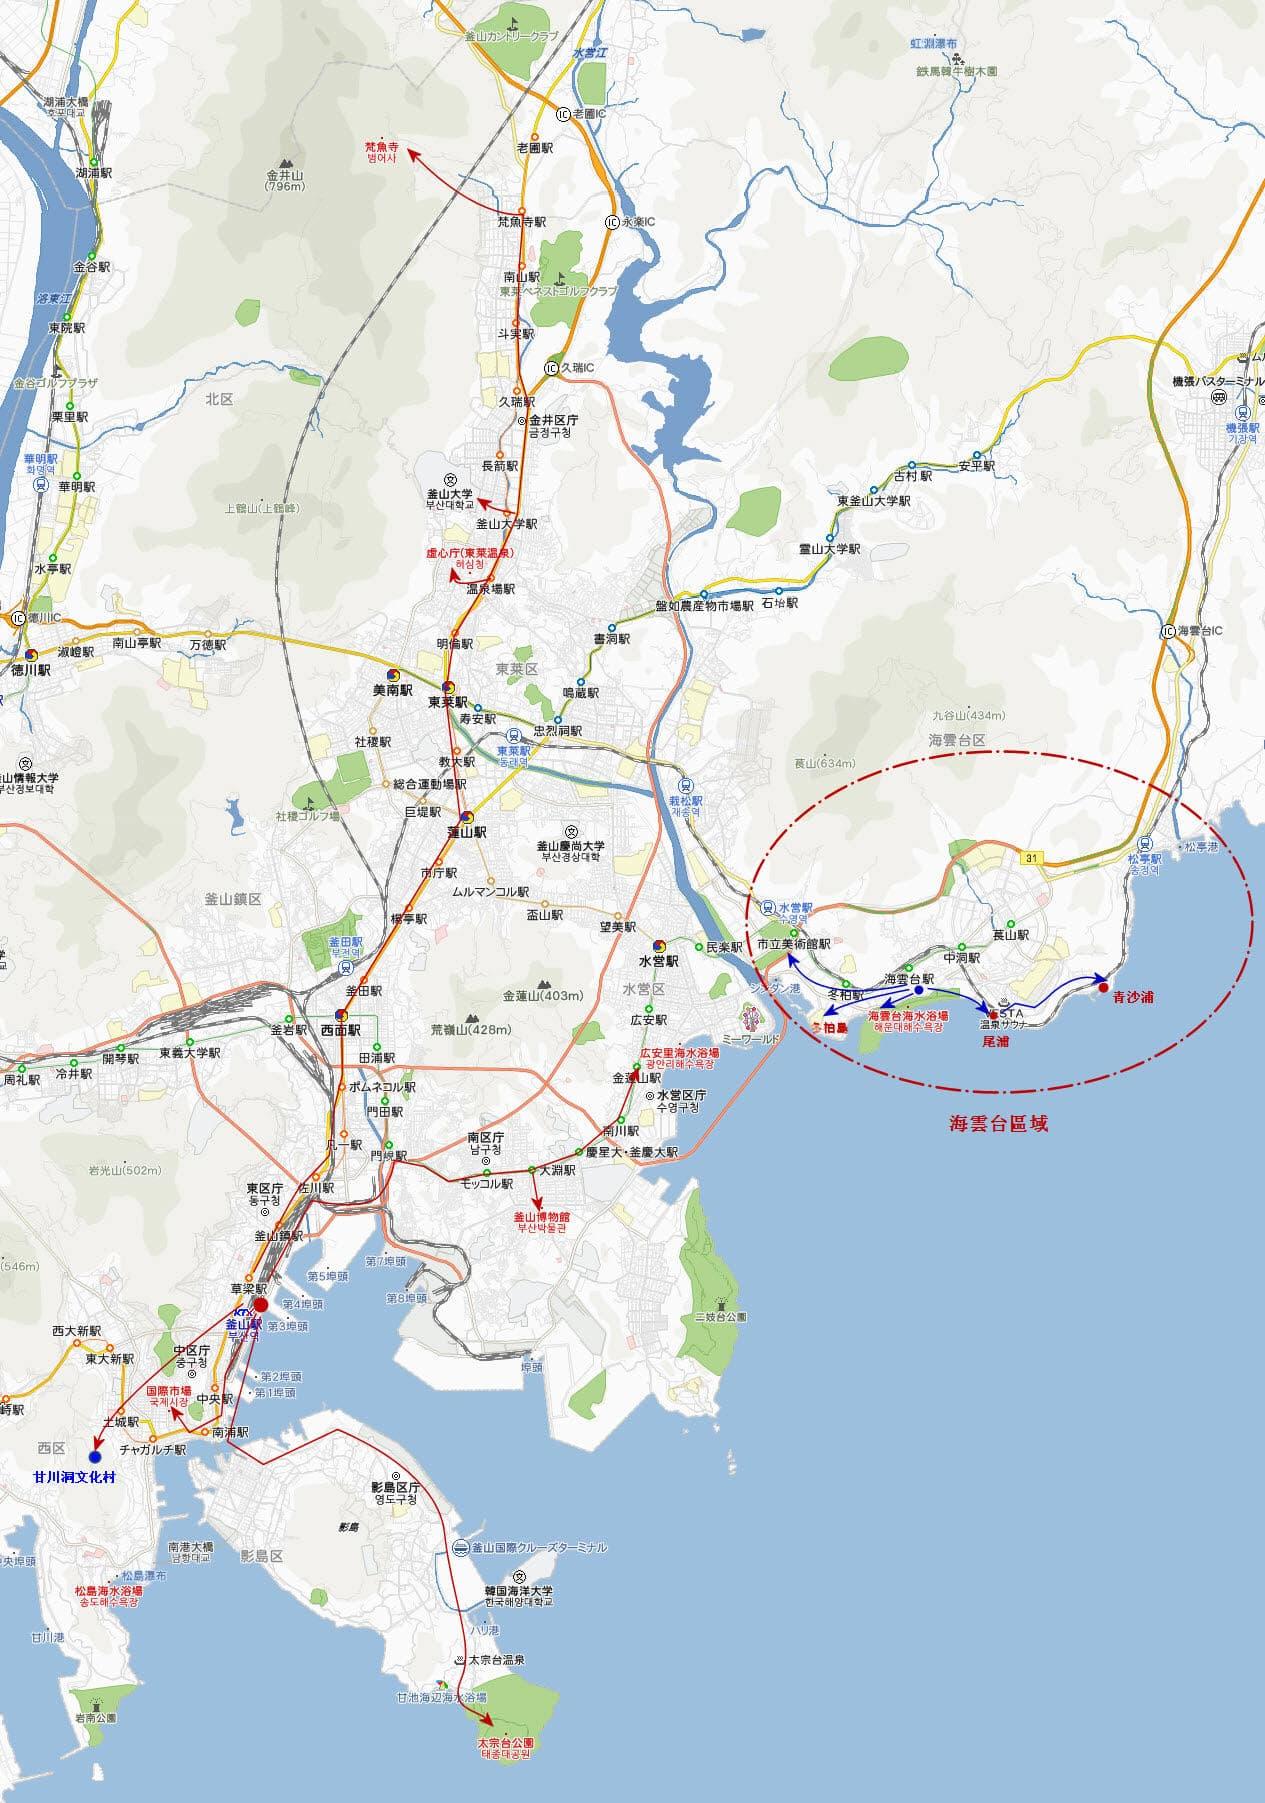 釜山景點分佈及旅遊行程安排